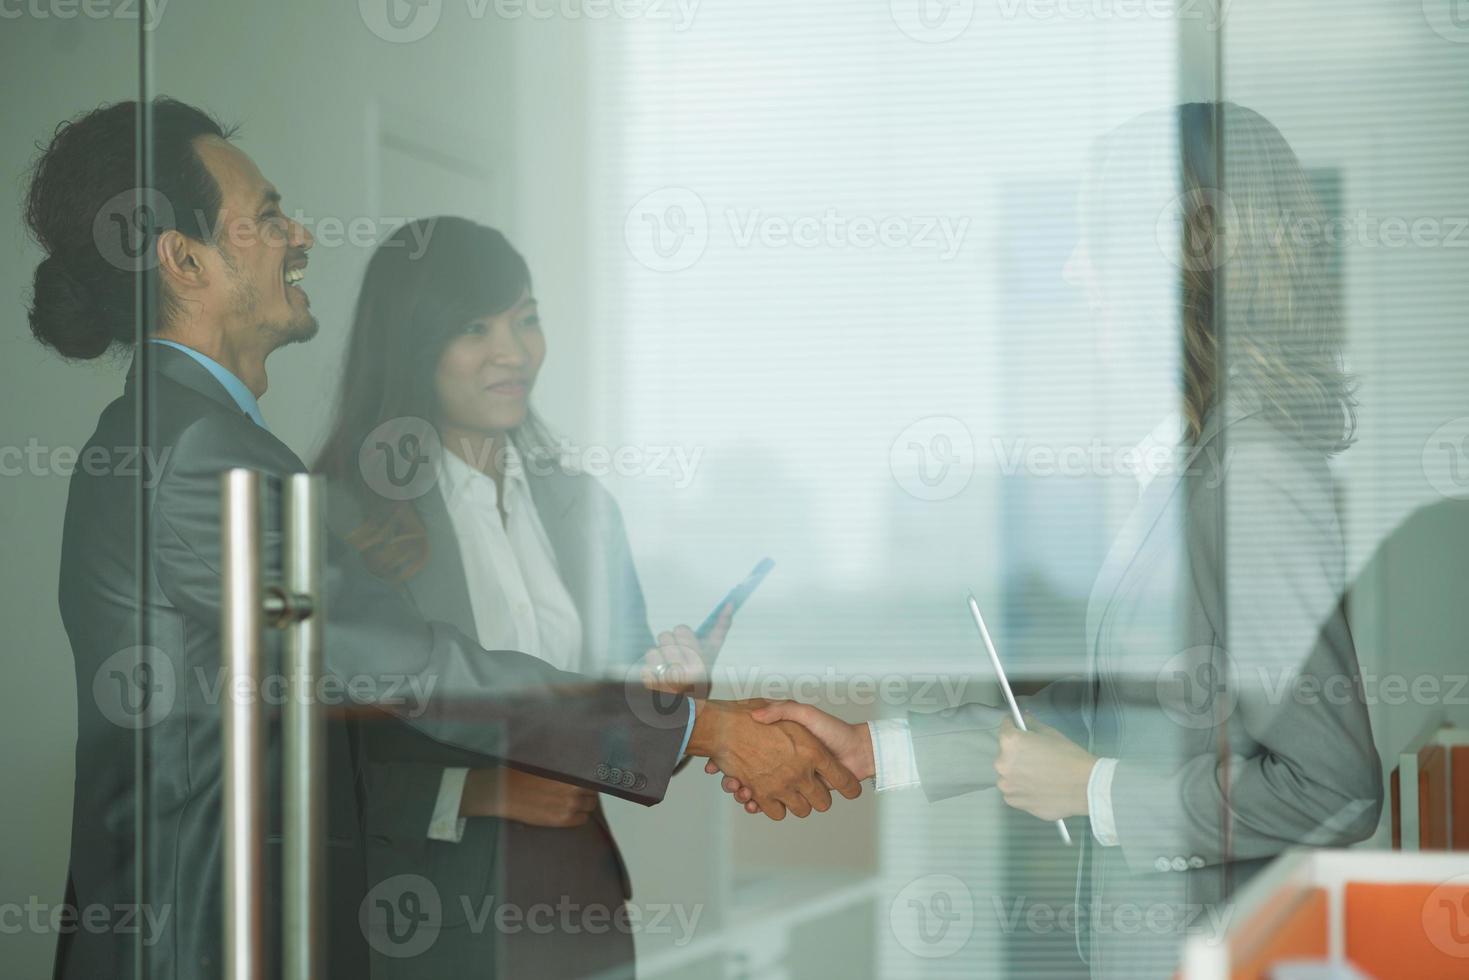 antes da reunião de negócios foto